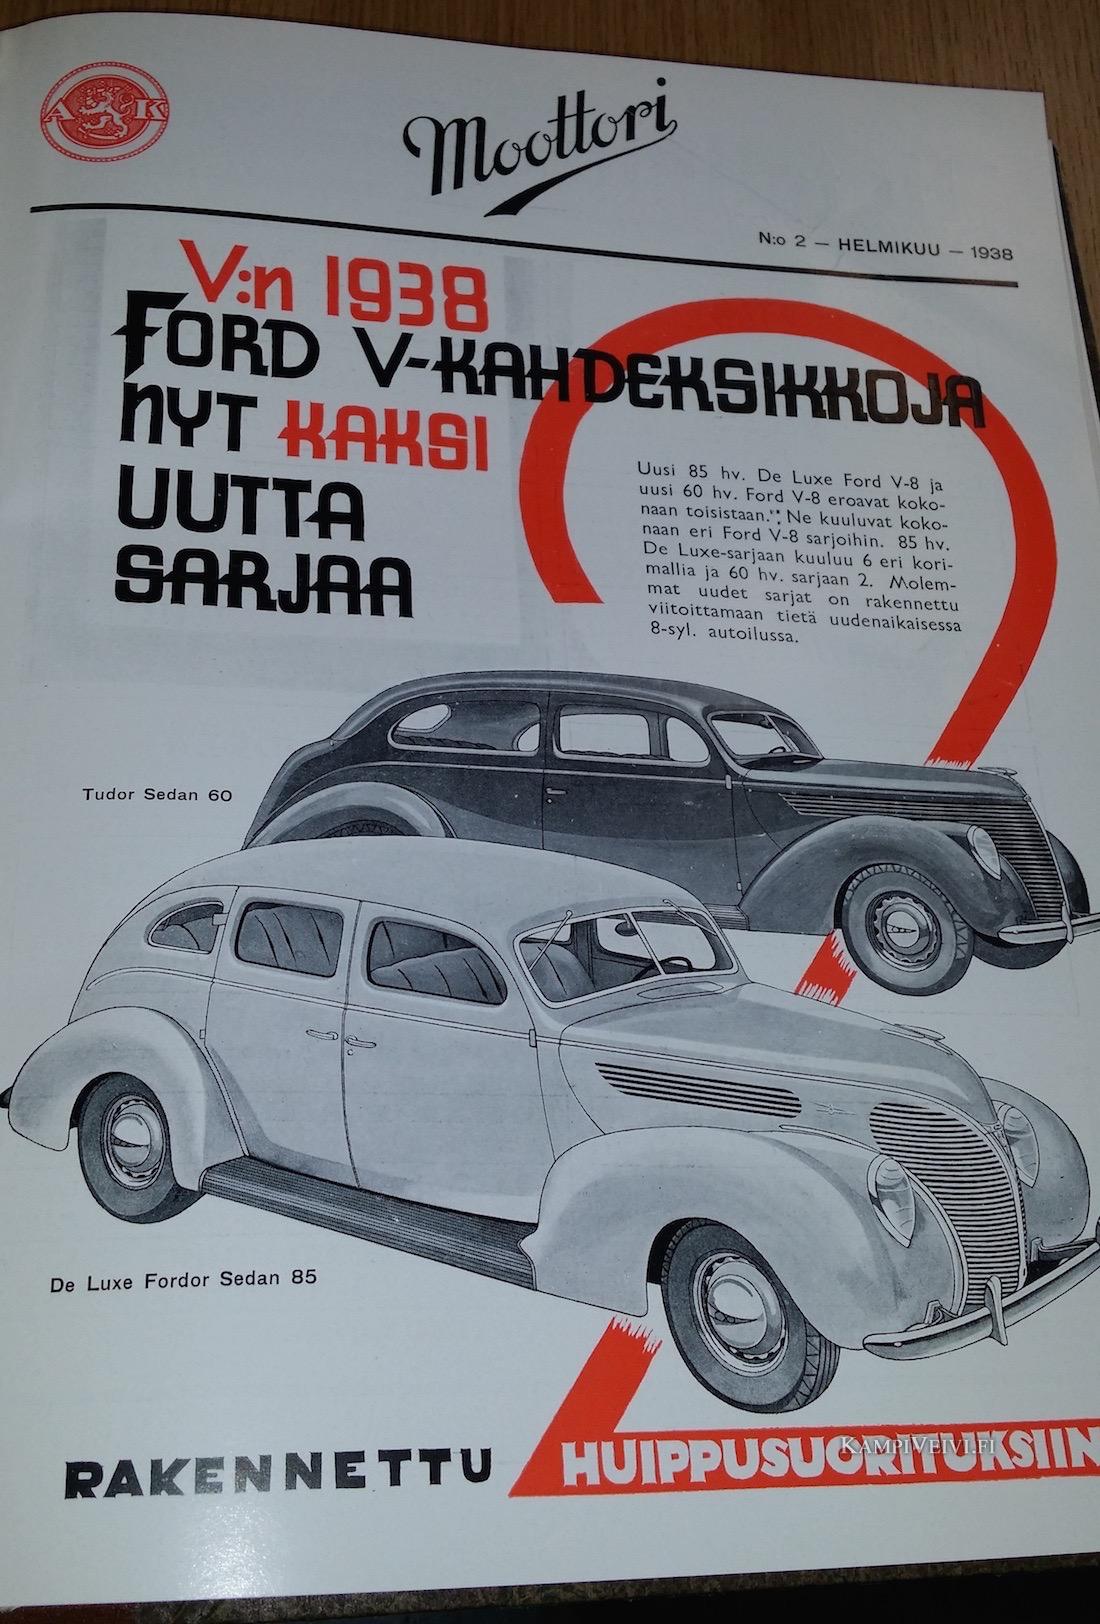 Lähde: Moottori-lehti 1938